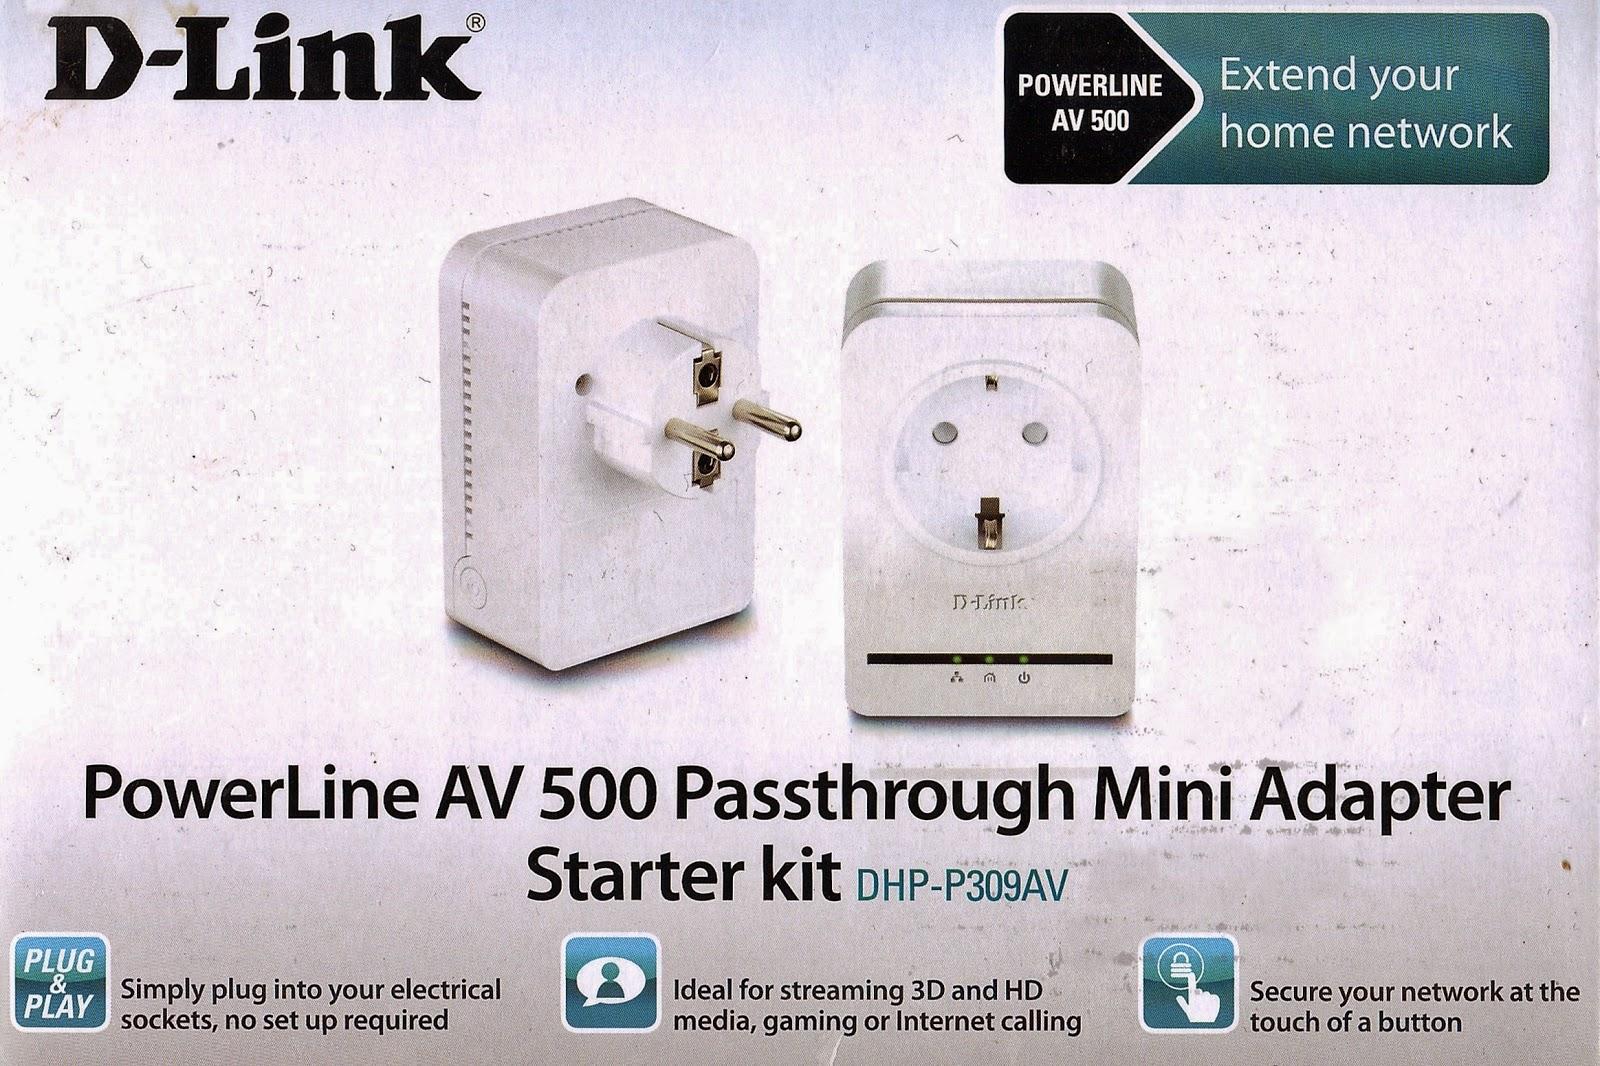 Powerline AV 500-1